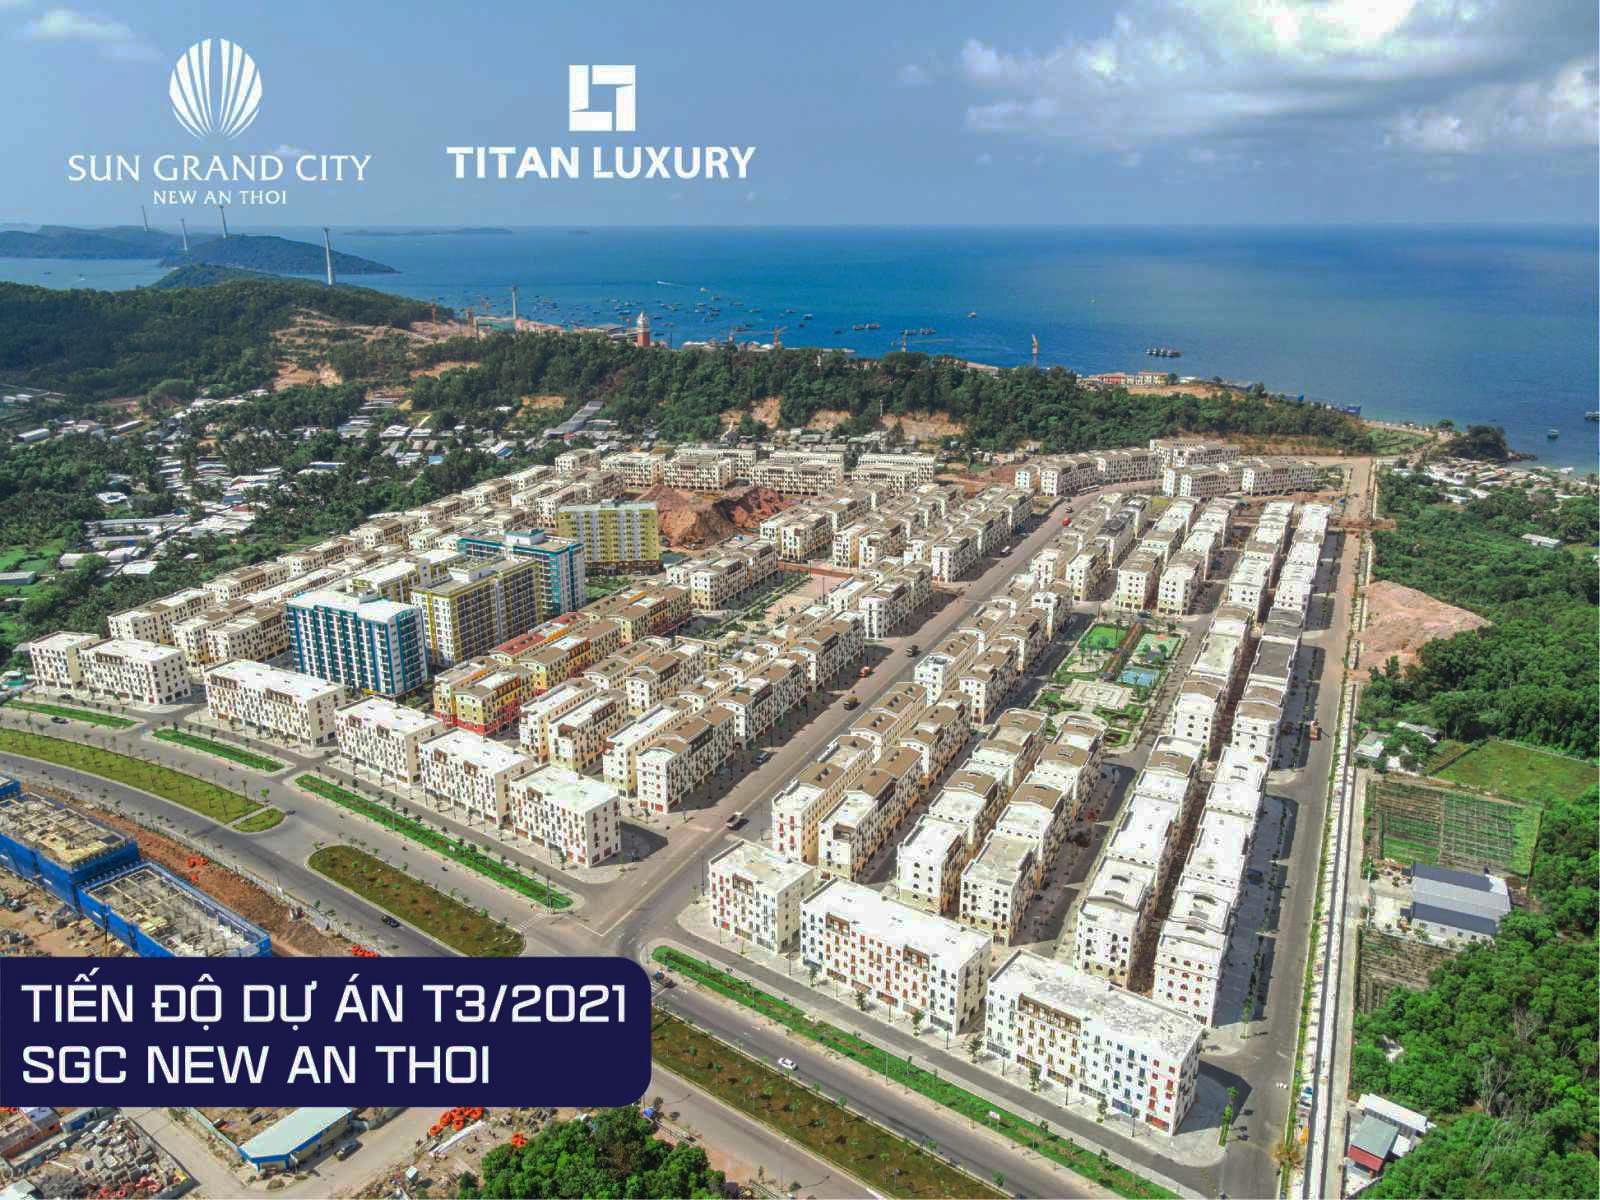 Ngày 28/03/2021 Chủ đầu tư Sun Group sẽ bàn giao chính thức 200 căn hộ nhà phố liền kề cho cư dân